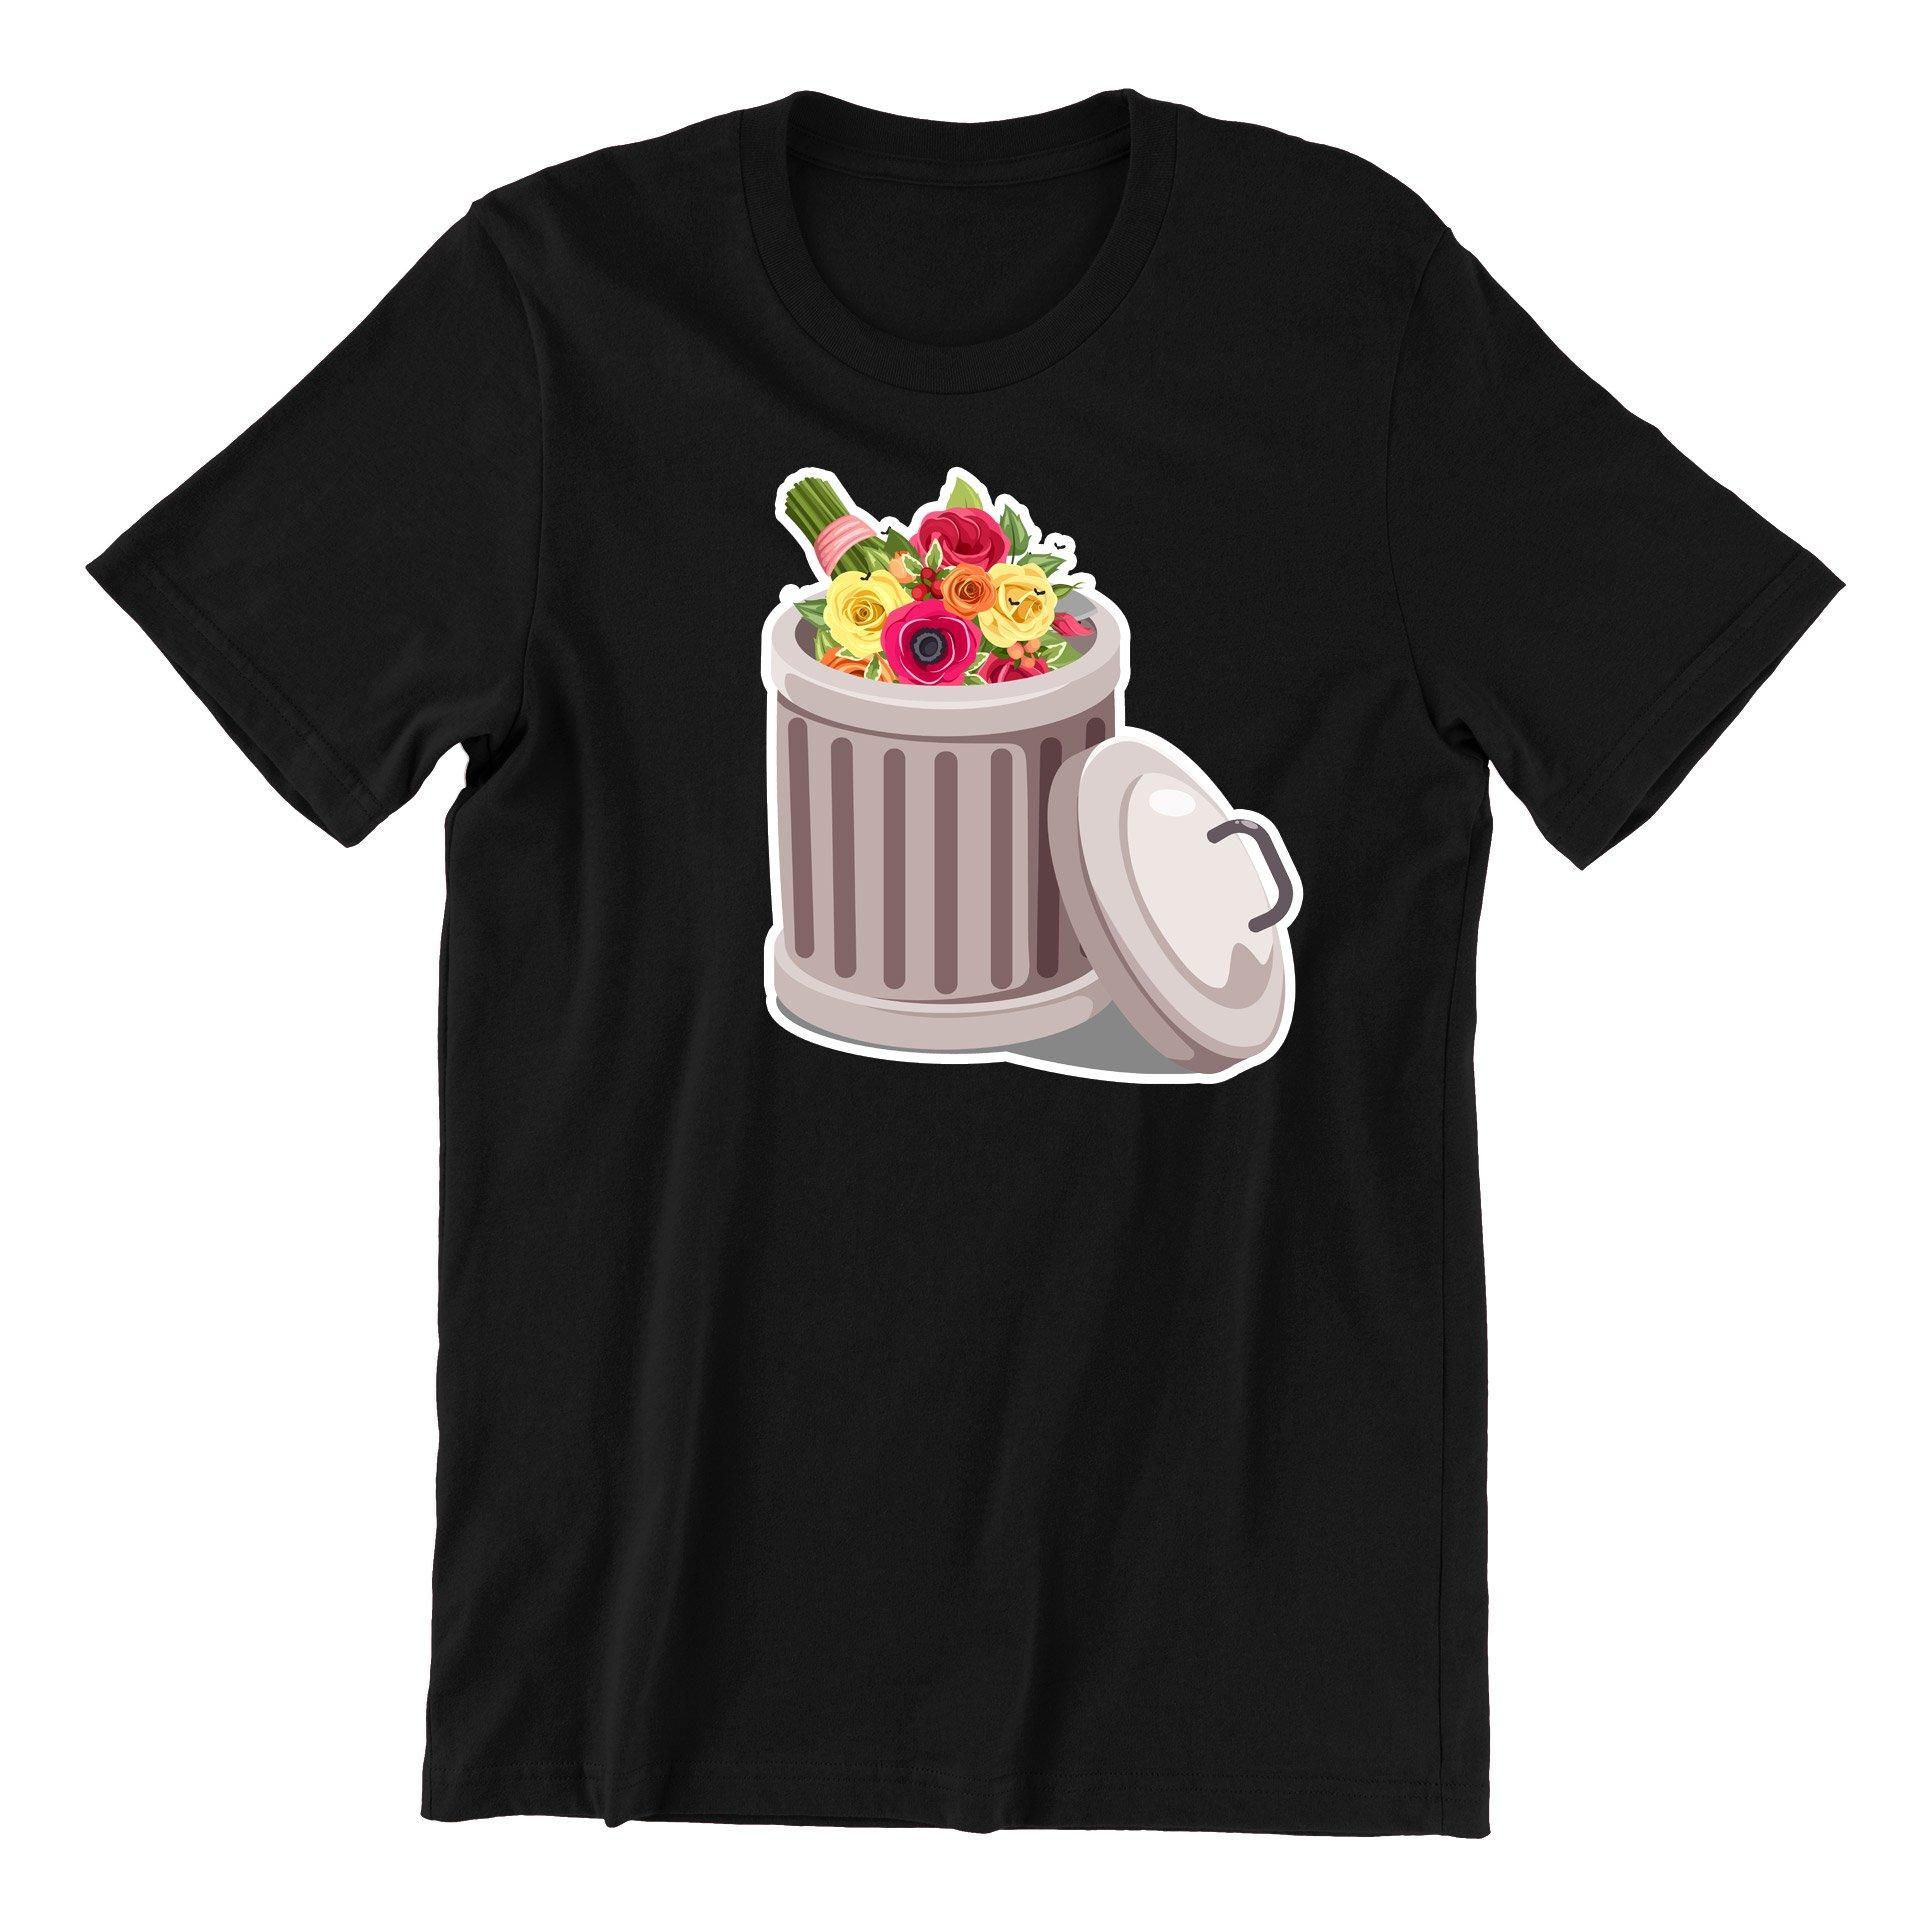 Trashed Short Sleeve T-shirt